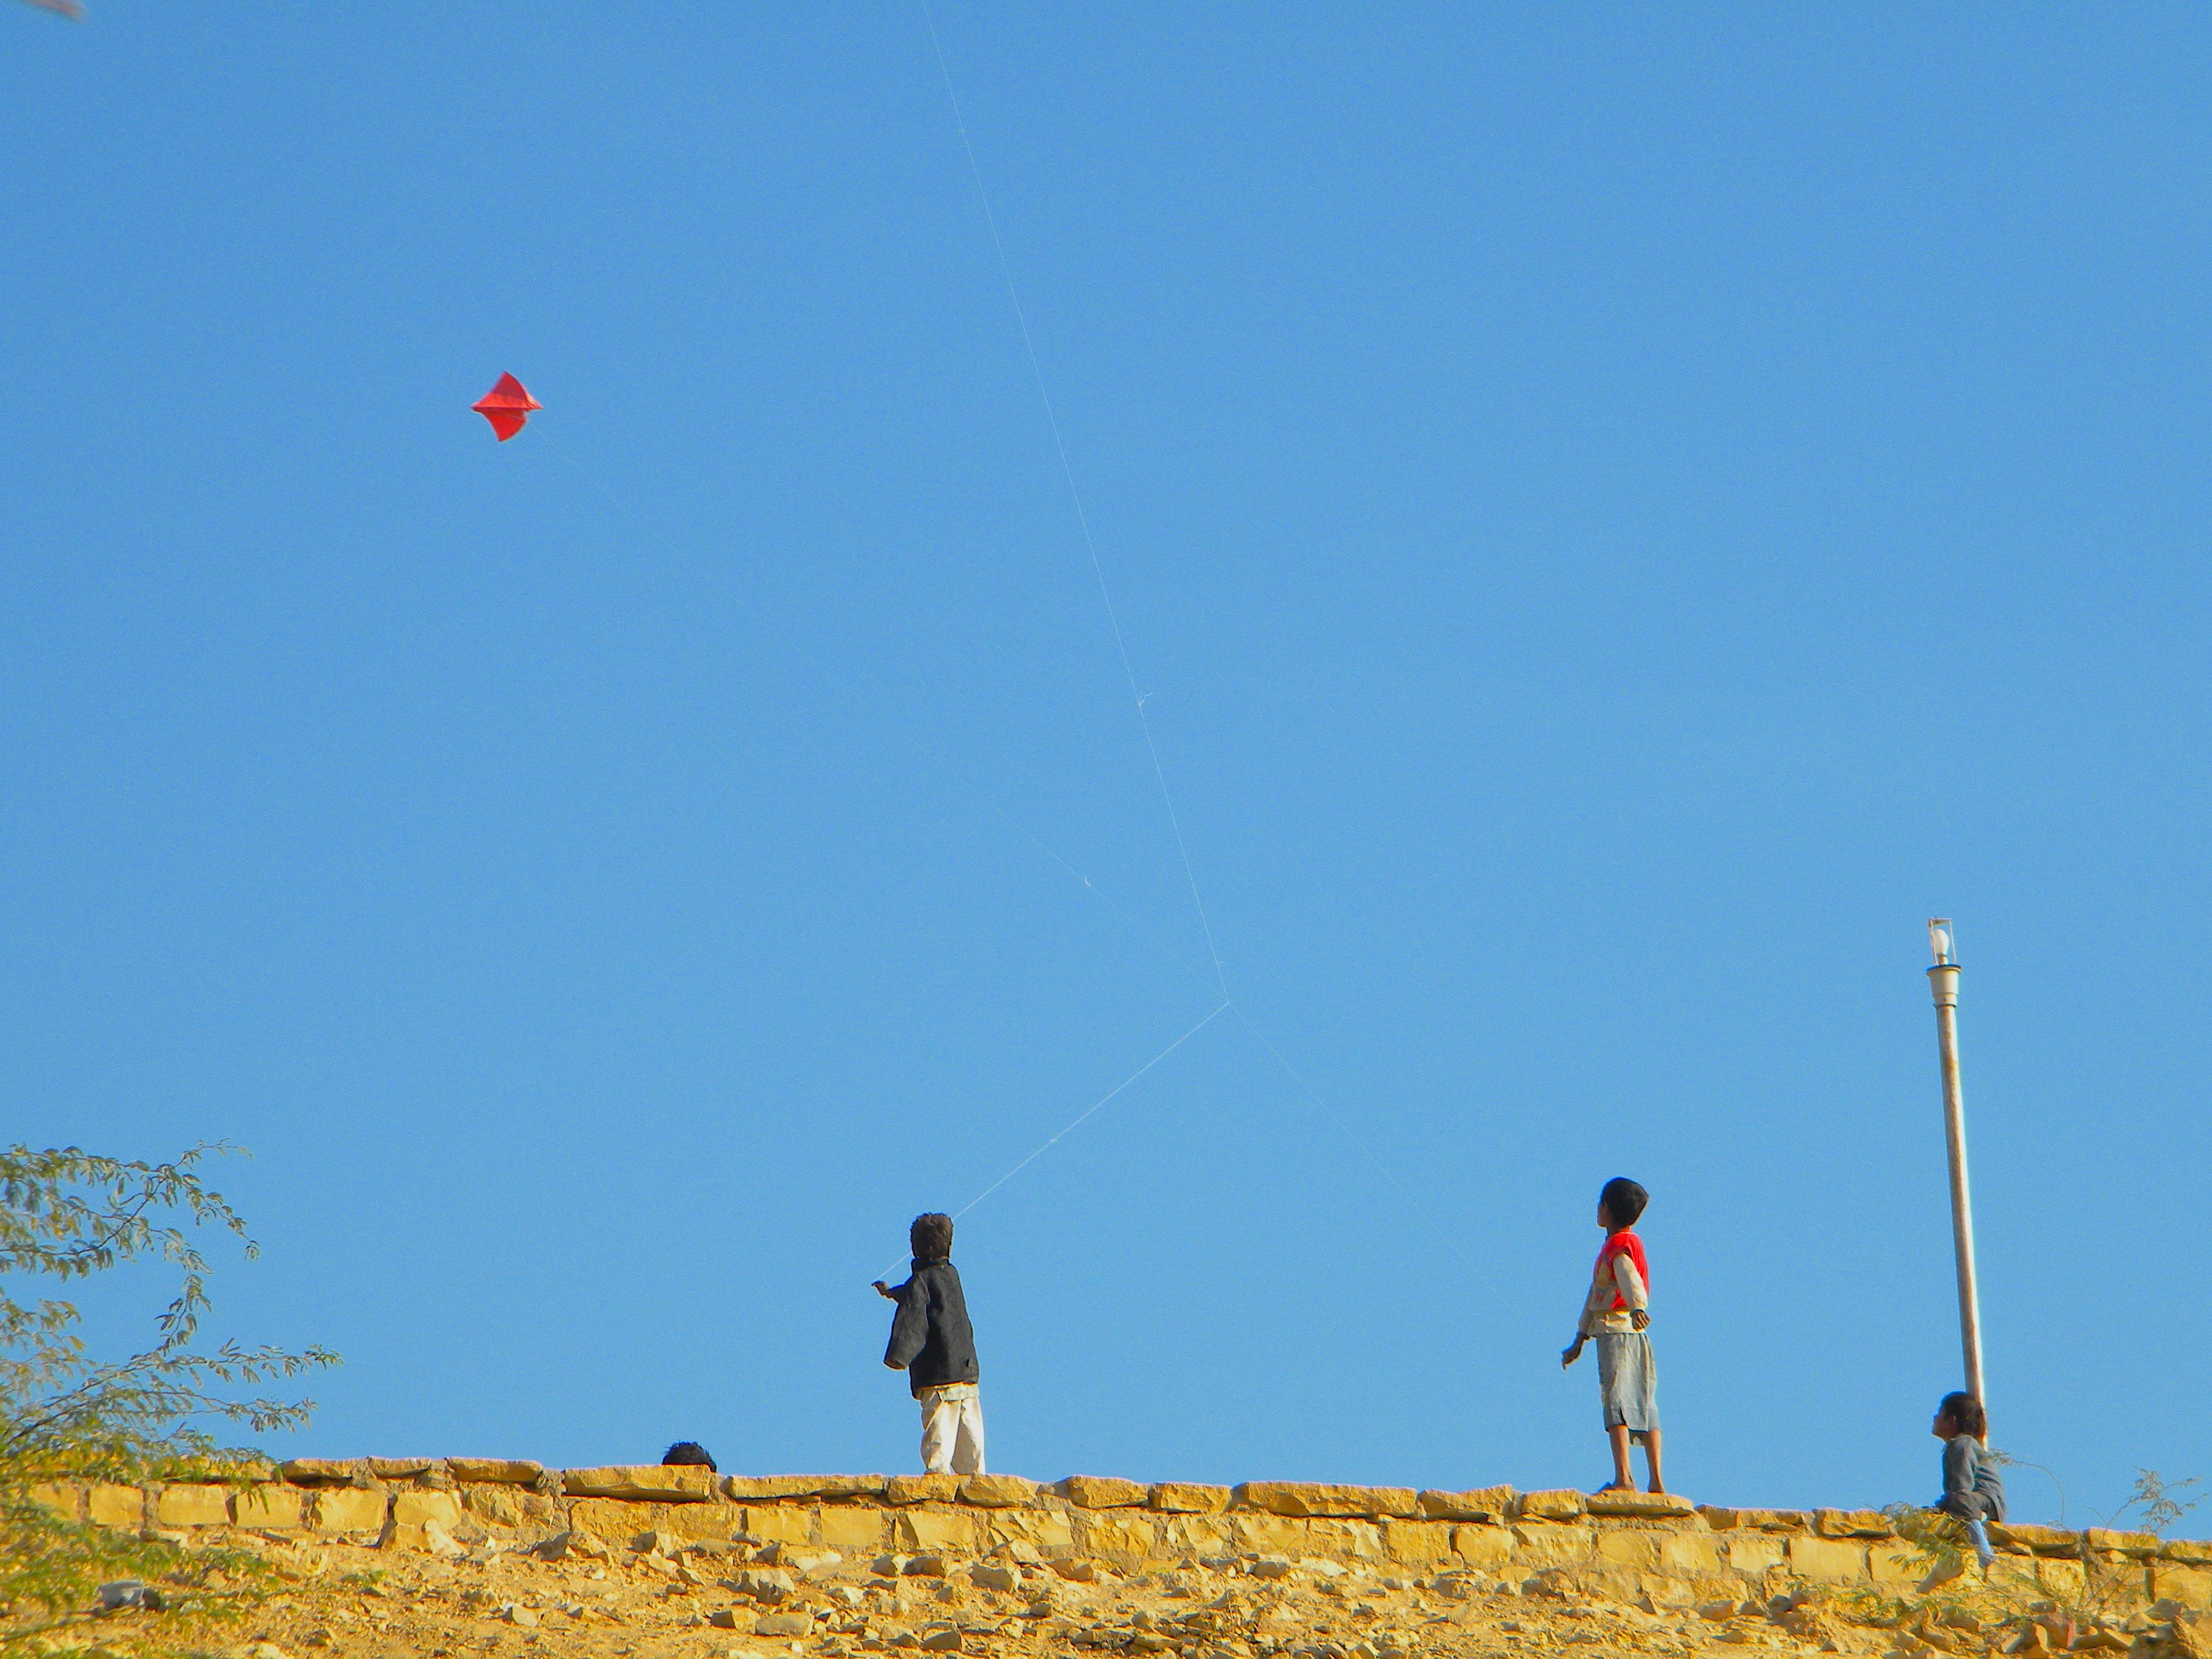 Flying, India 2010